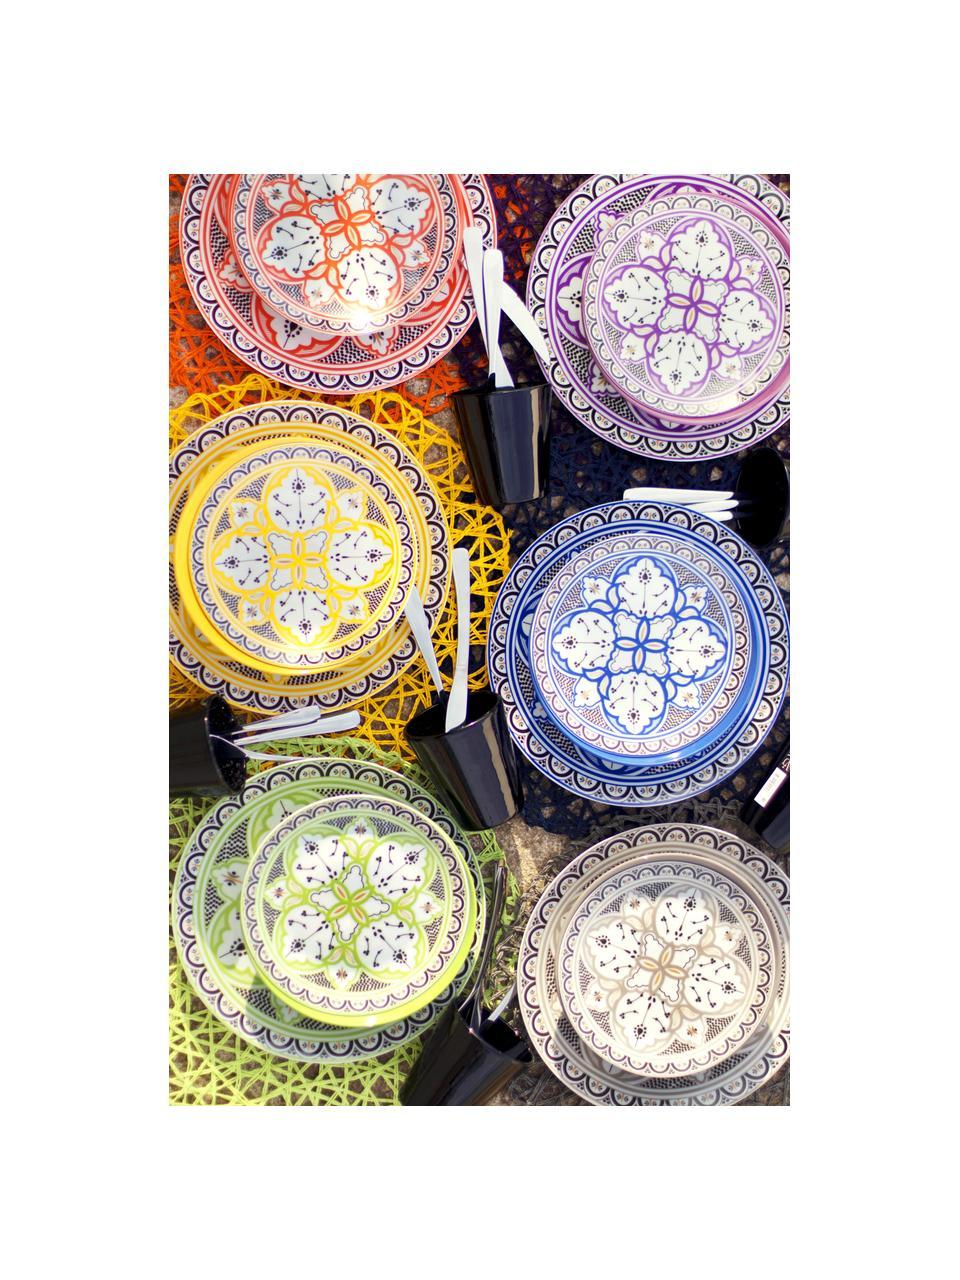 Gekleurde serviesset Marocco, 6 personen (18-delig), Multicolour, Set met verschillende formaten